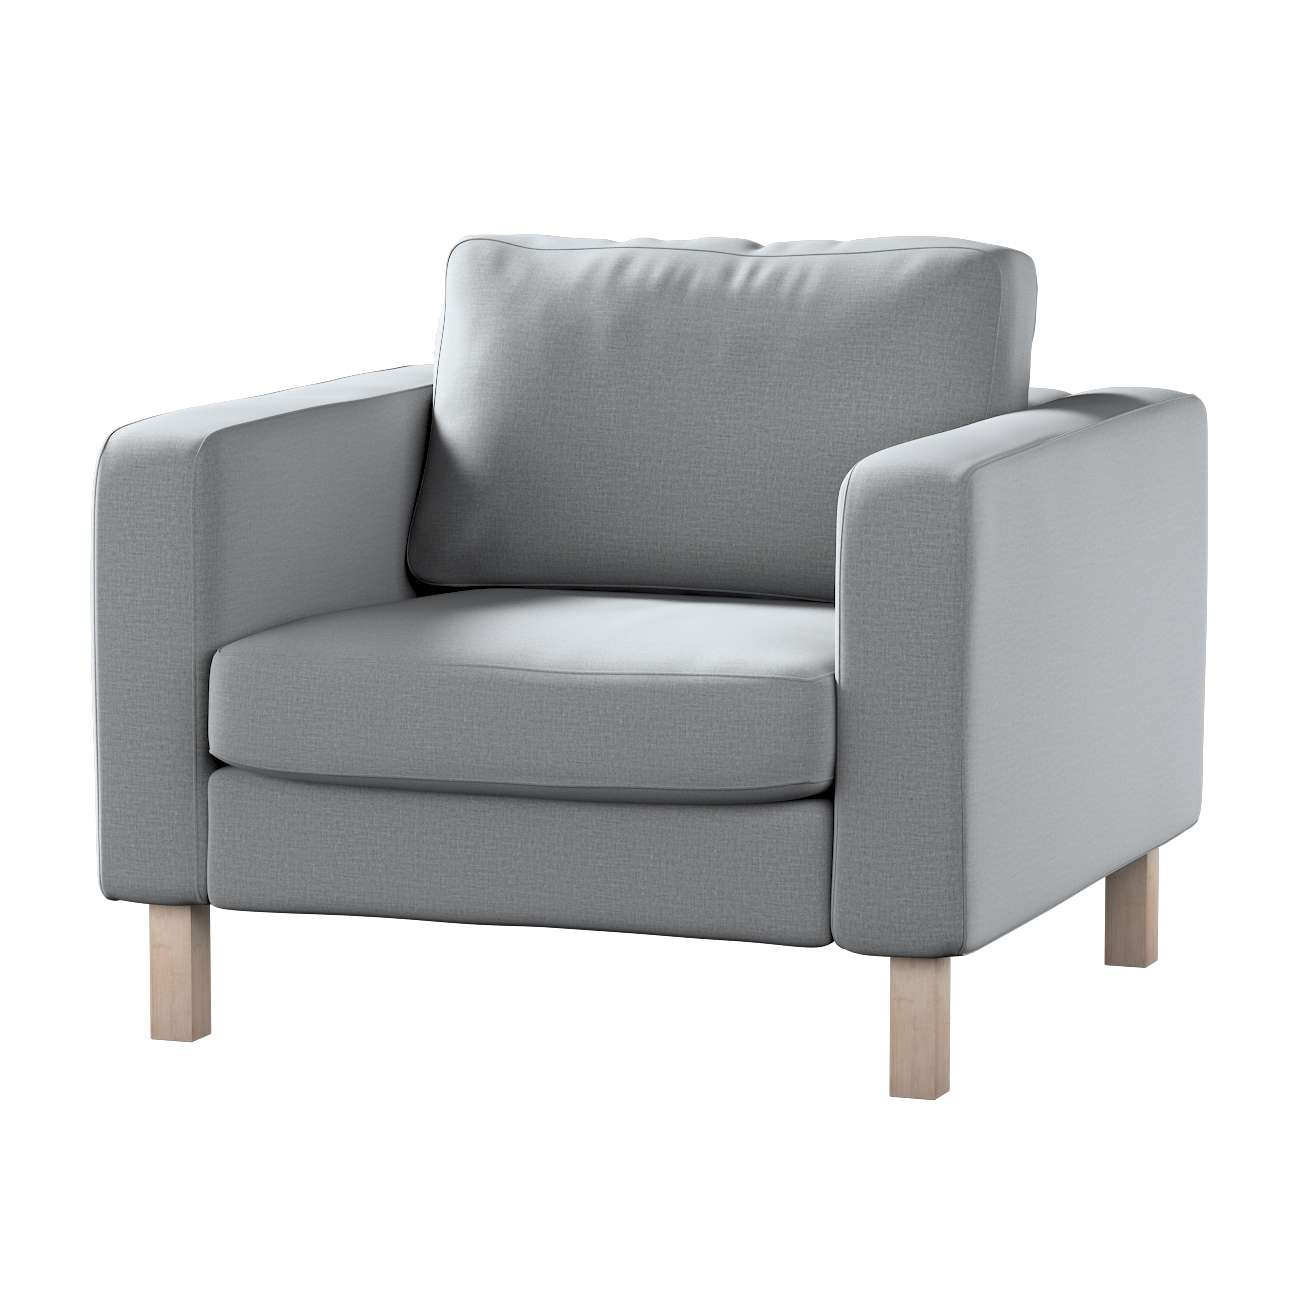 Karlstad päällinen nojatuoli mallistosta Ingrid, Kangas: 705-42